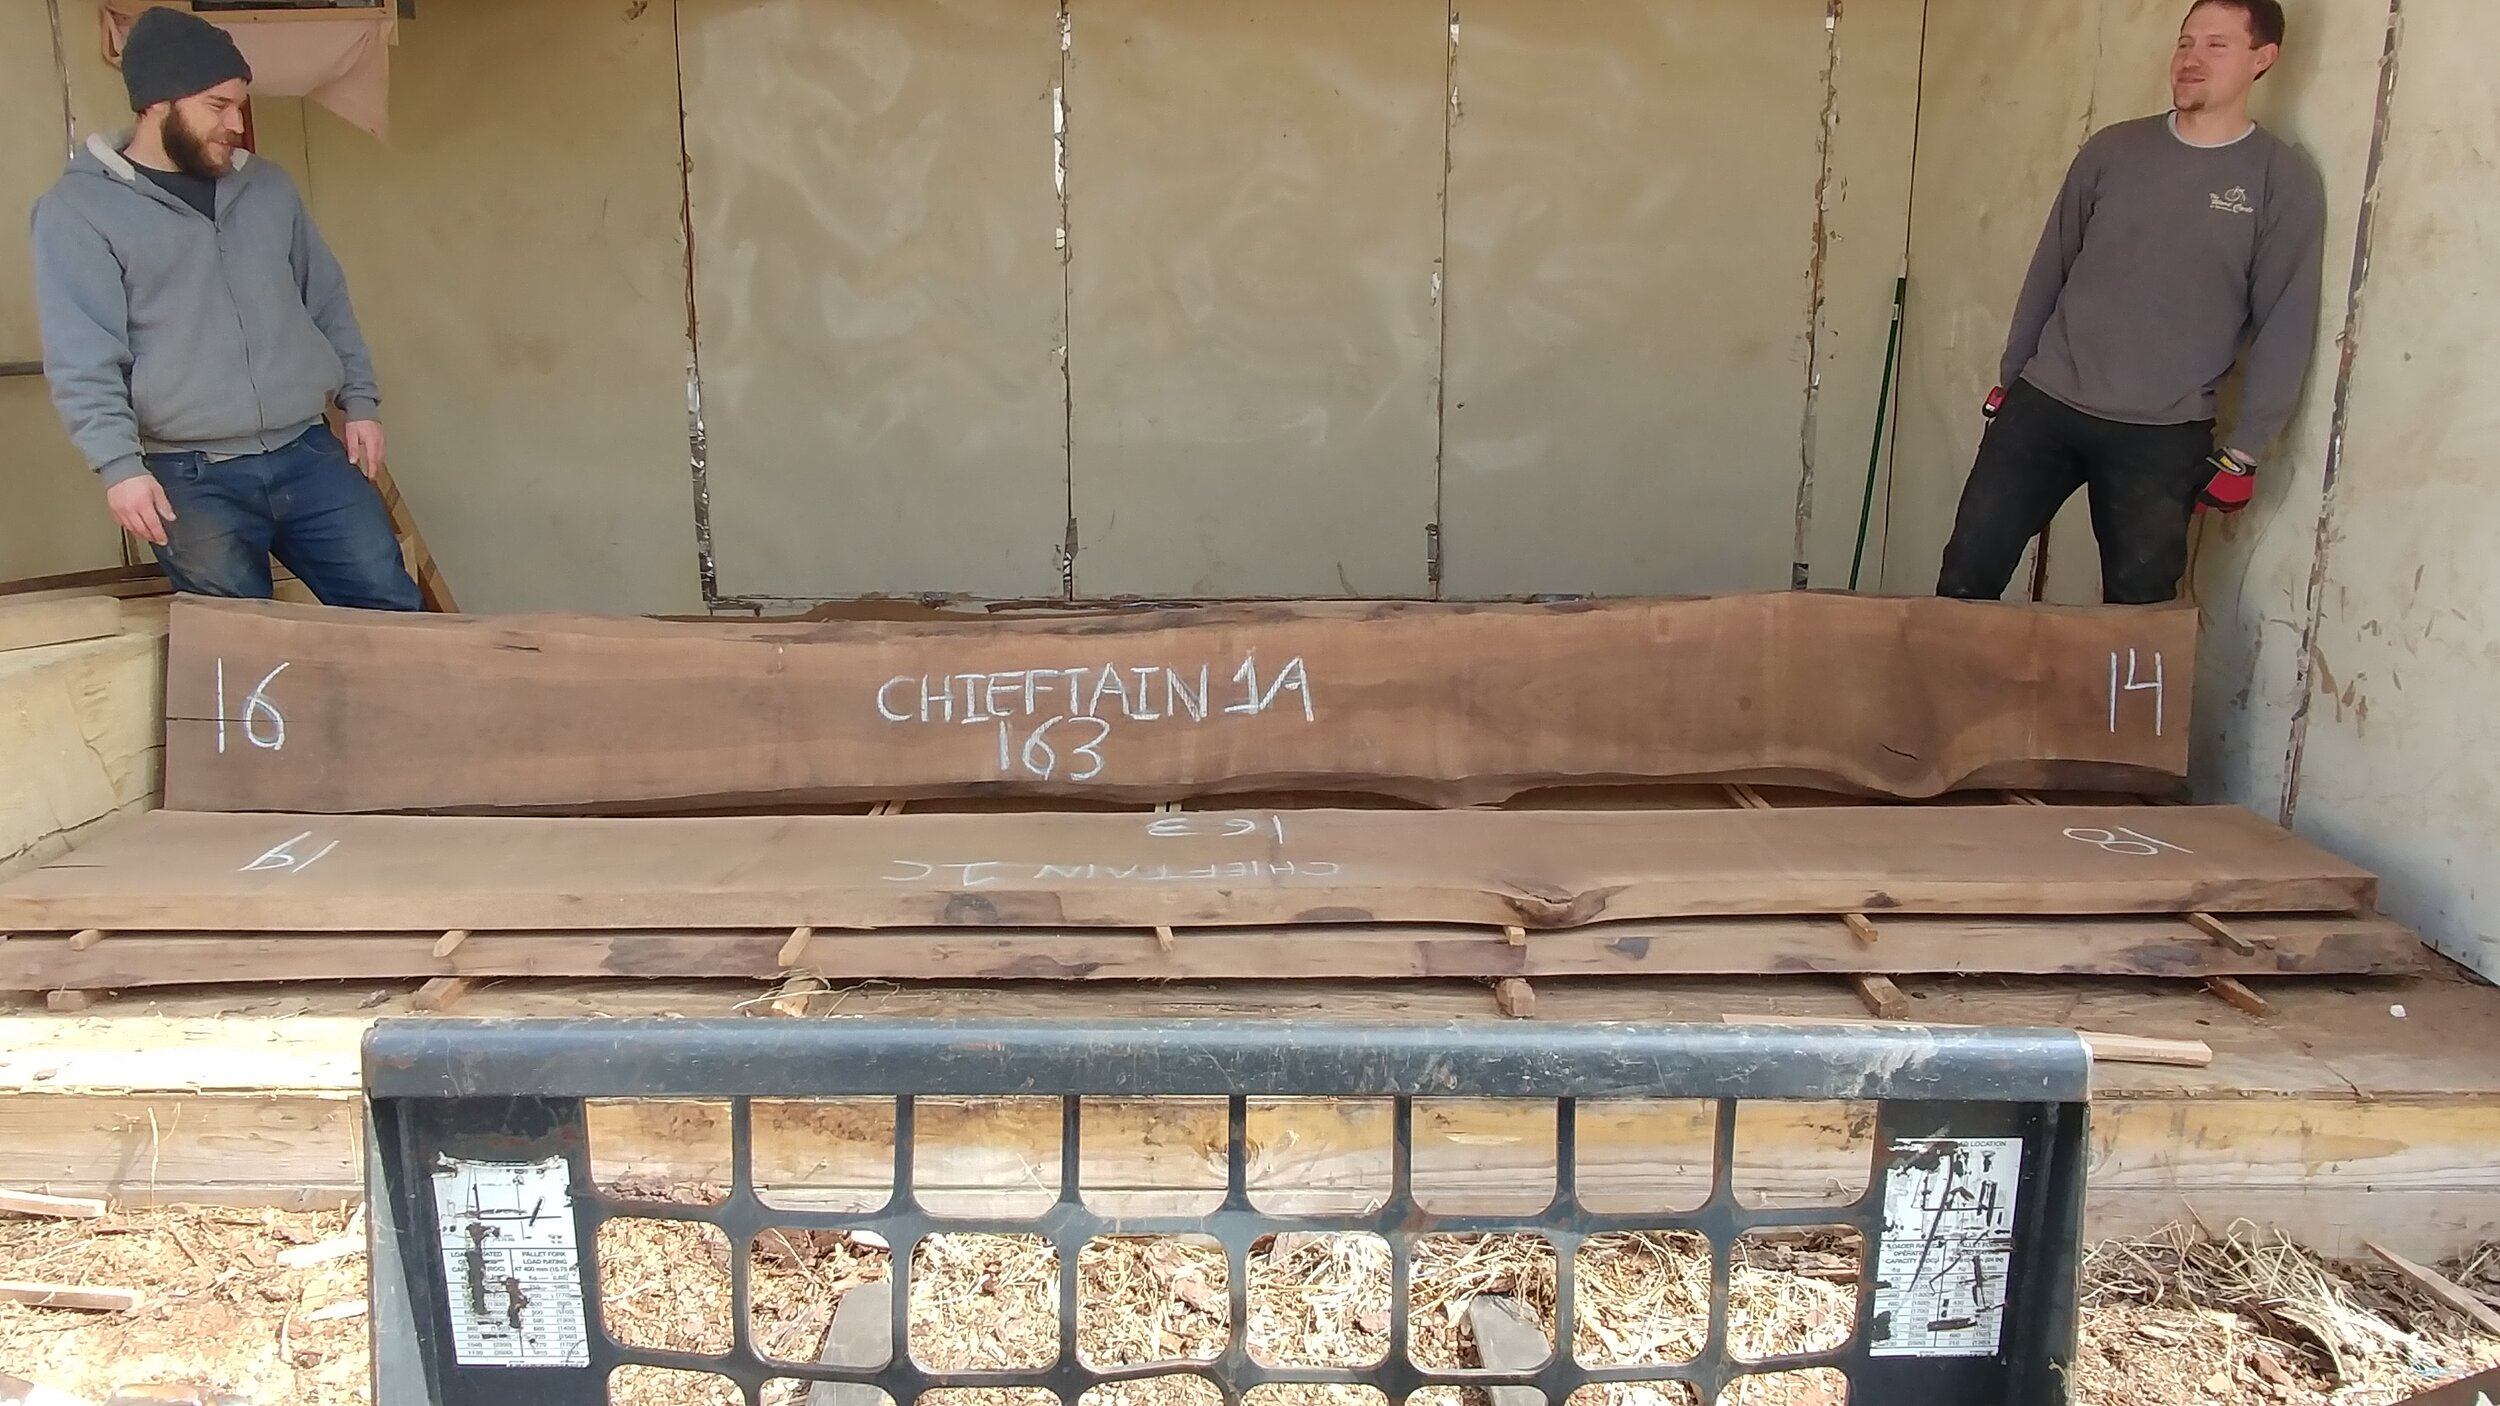 Chieftain 1A.jpg